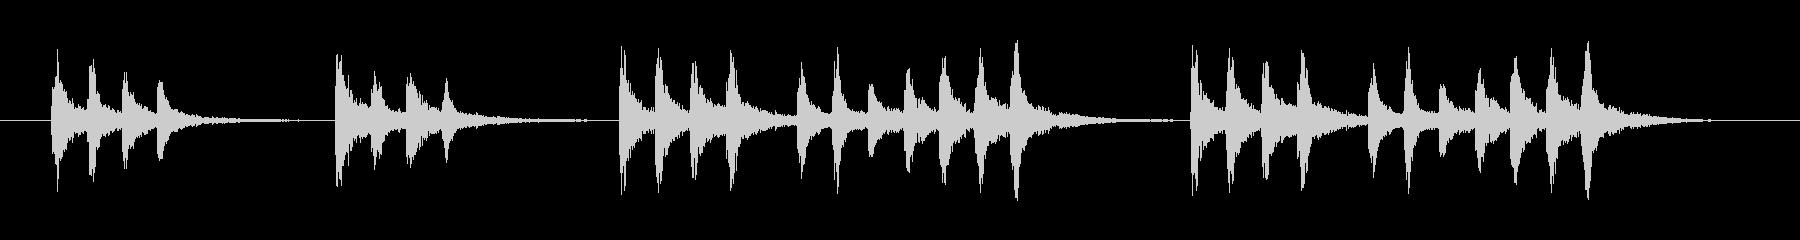 幻想的で優しいシンセジングルの未再生の波形